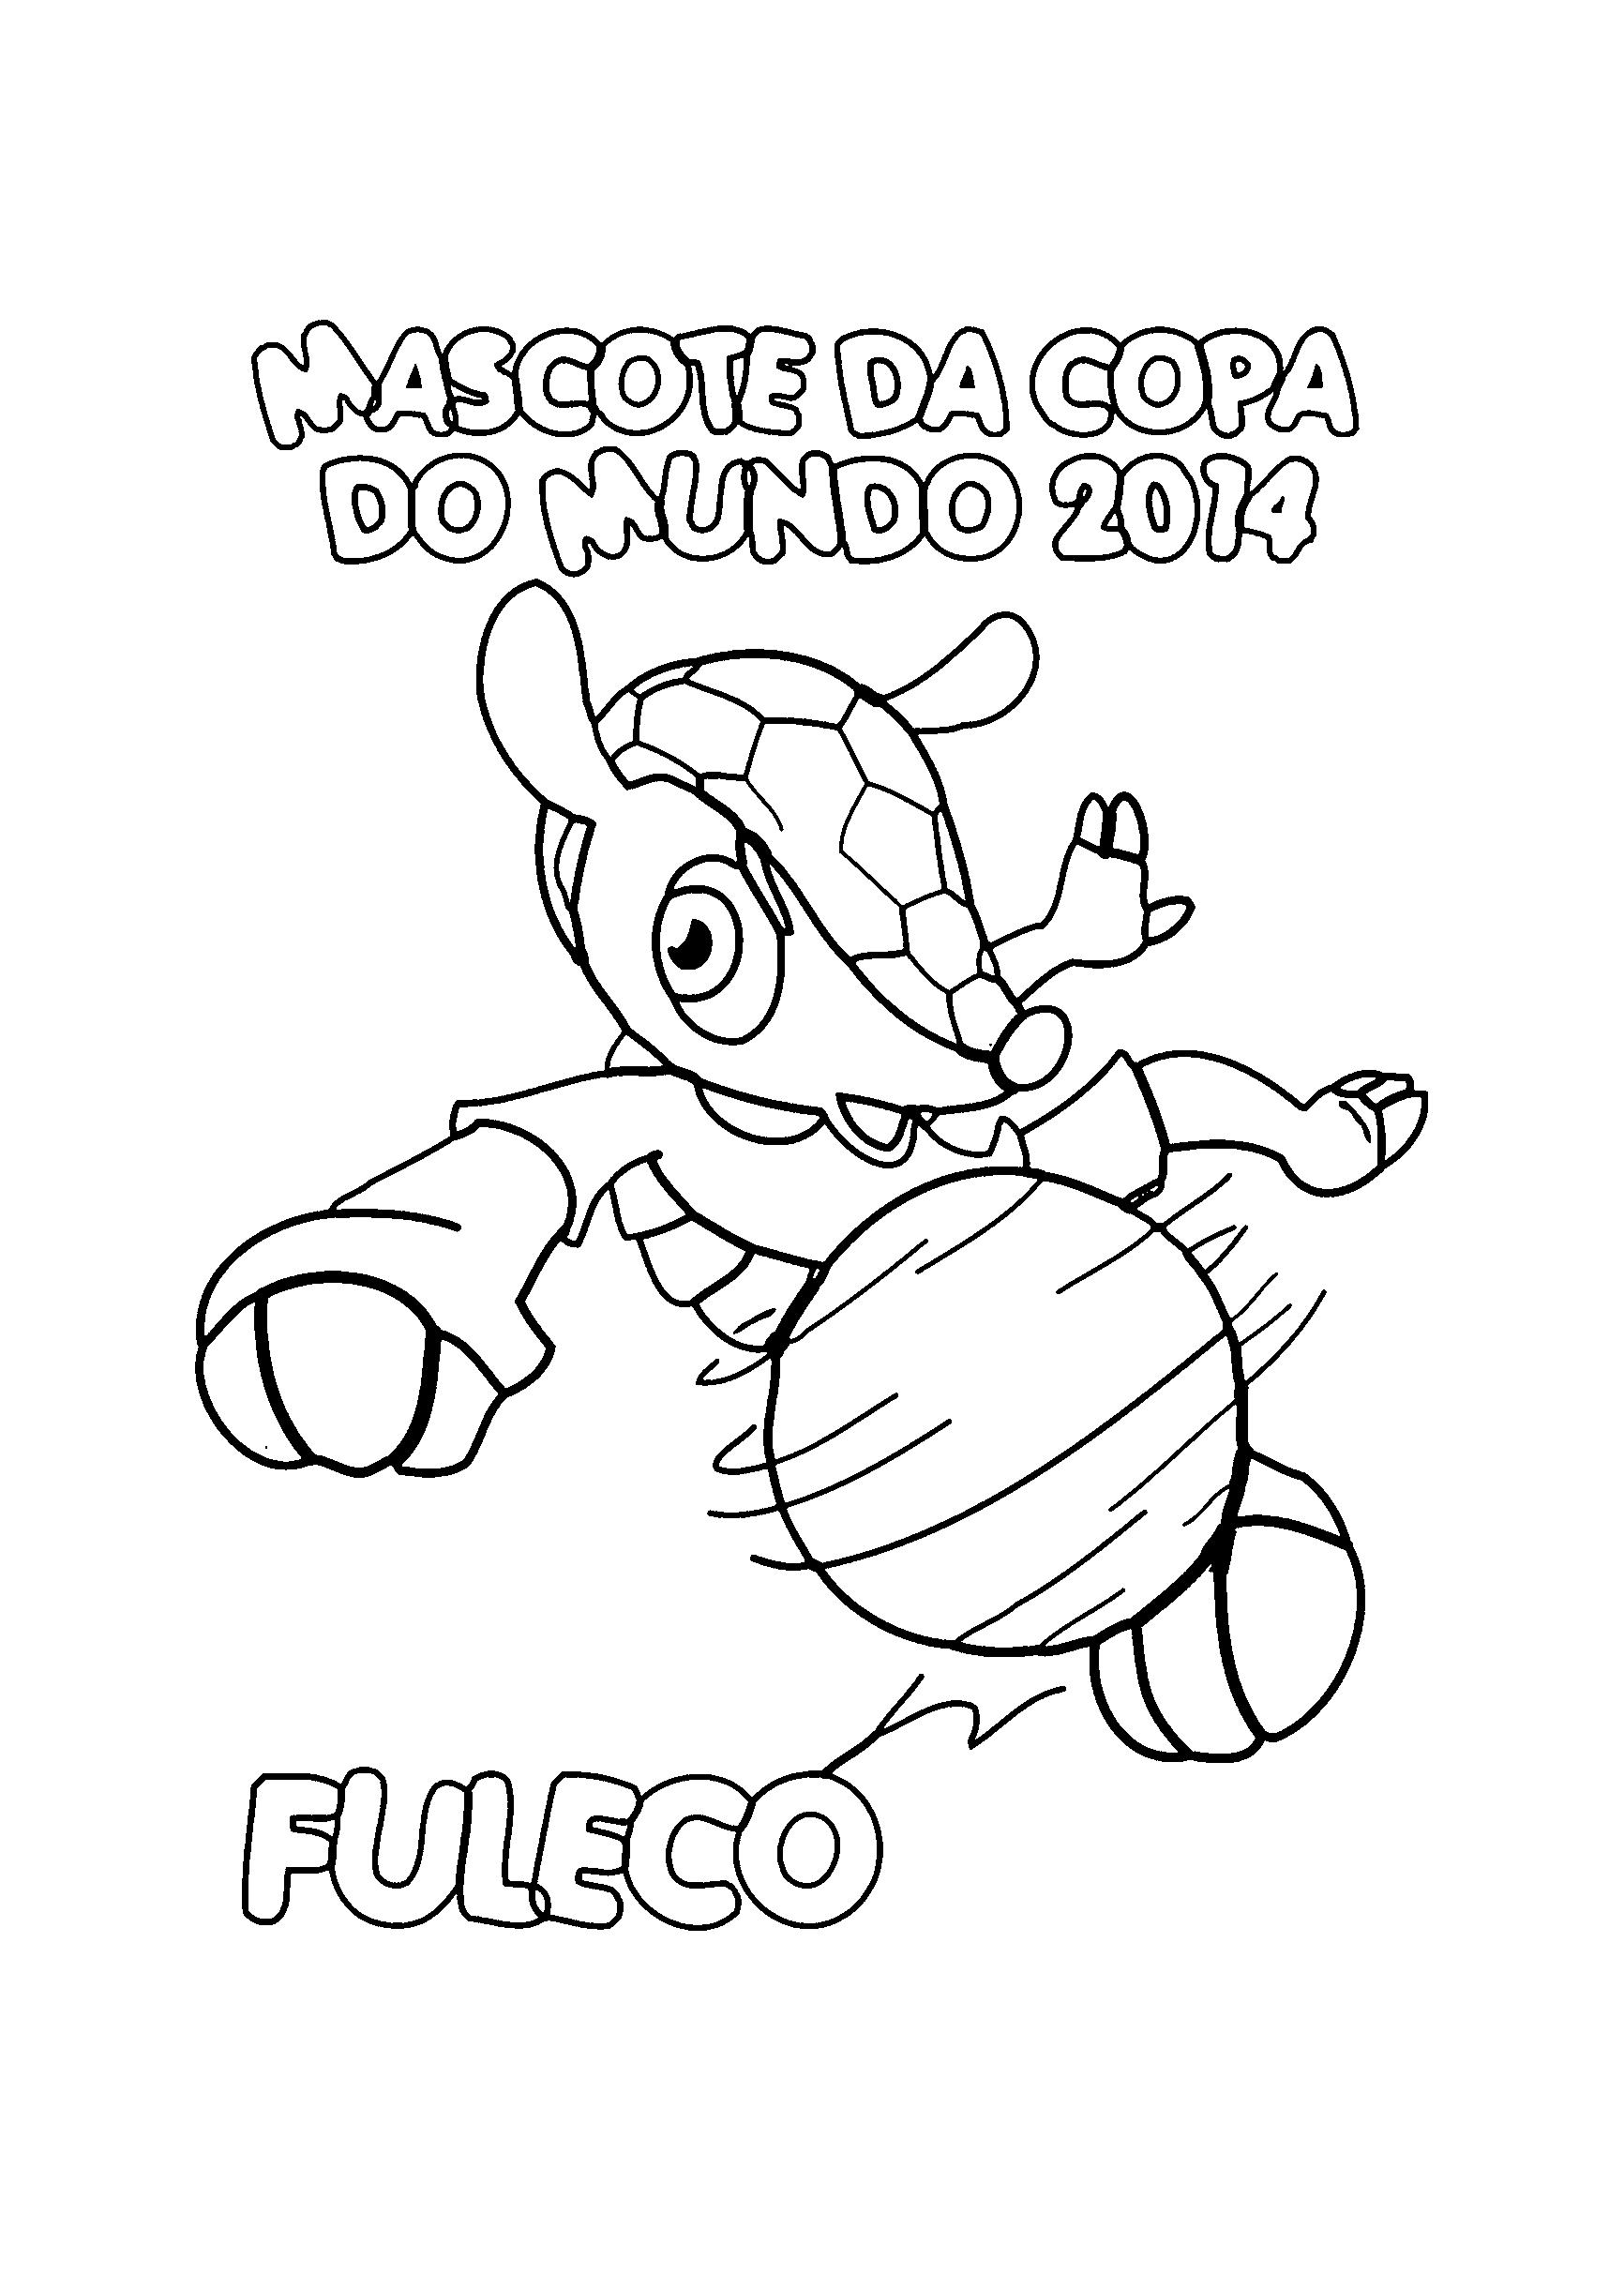 Mascote Fuleco da Copa de 2014